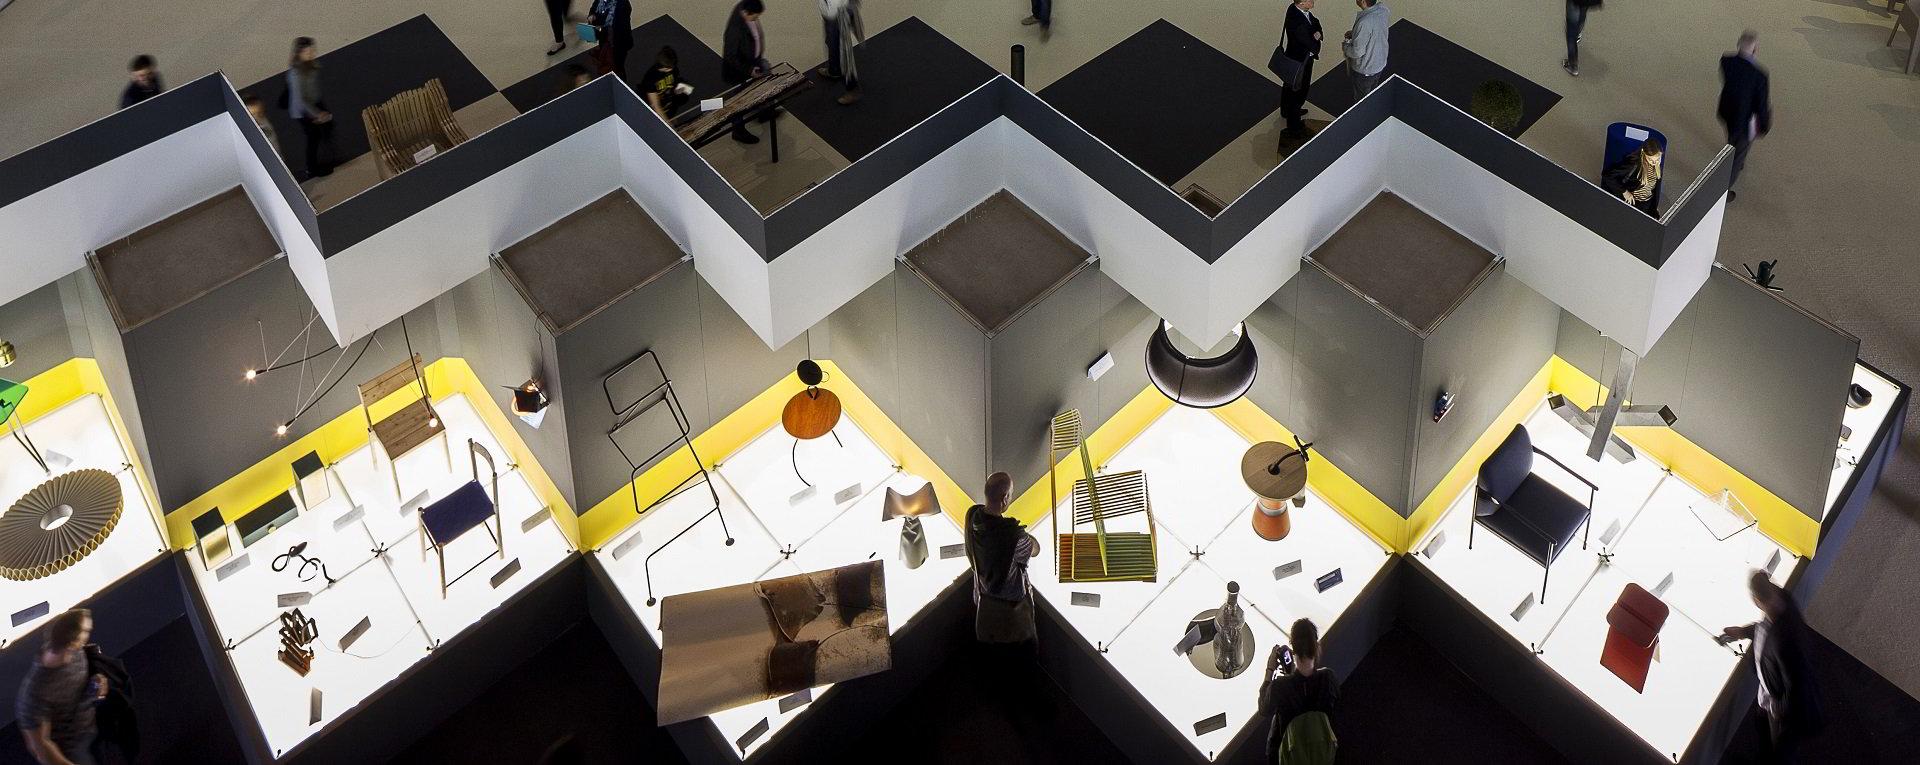 imagen general de la feria del mueble de milan 2017